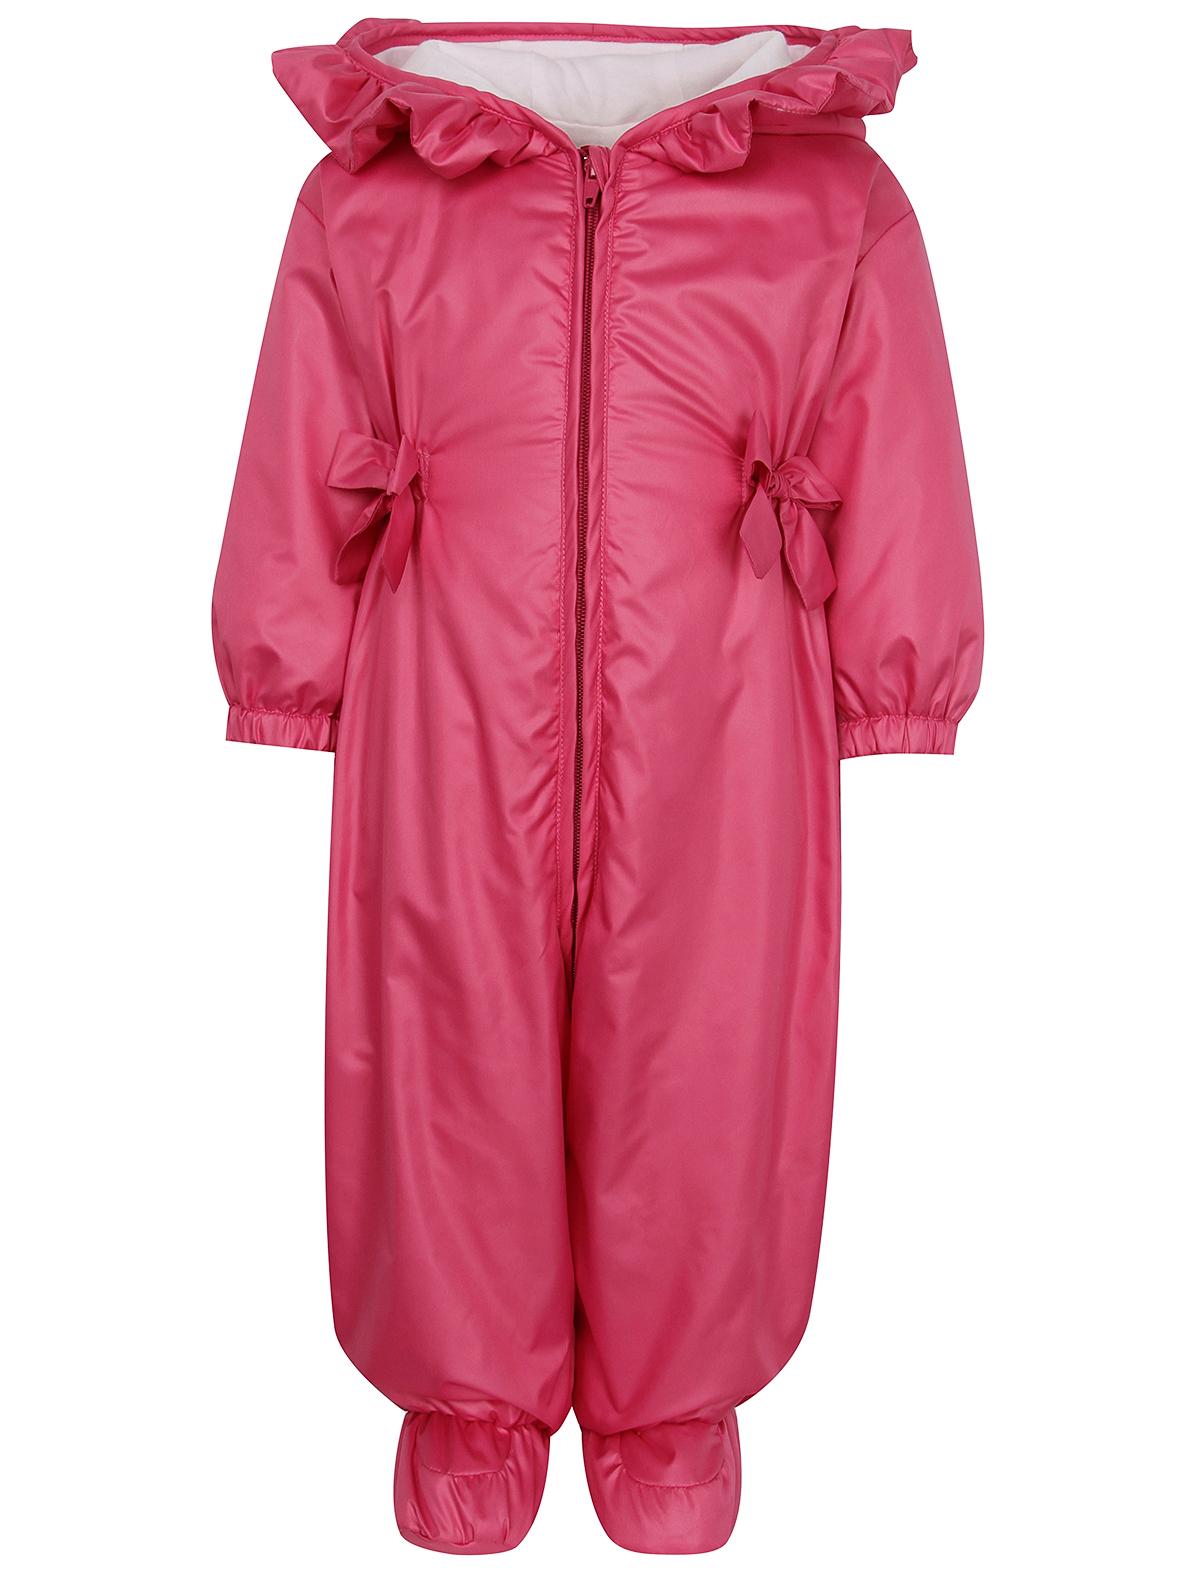 Купить 1961894, Комбинезон утепленный Aletta, розовый, Женский, 1592609970406